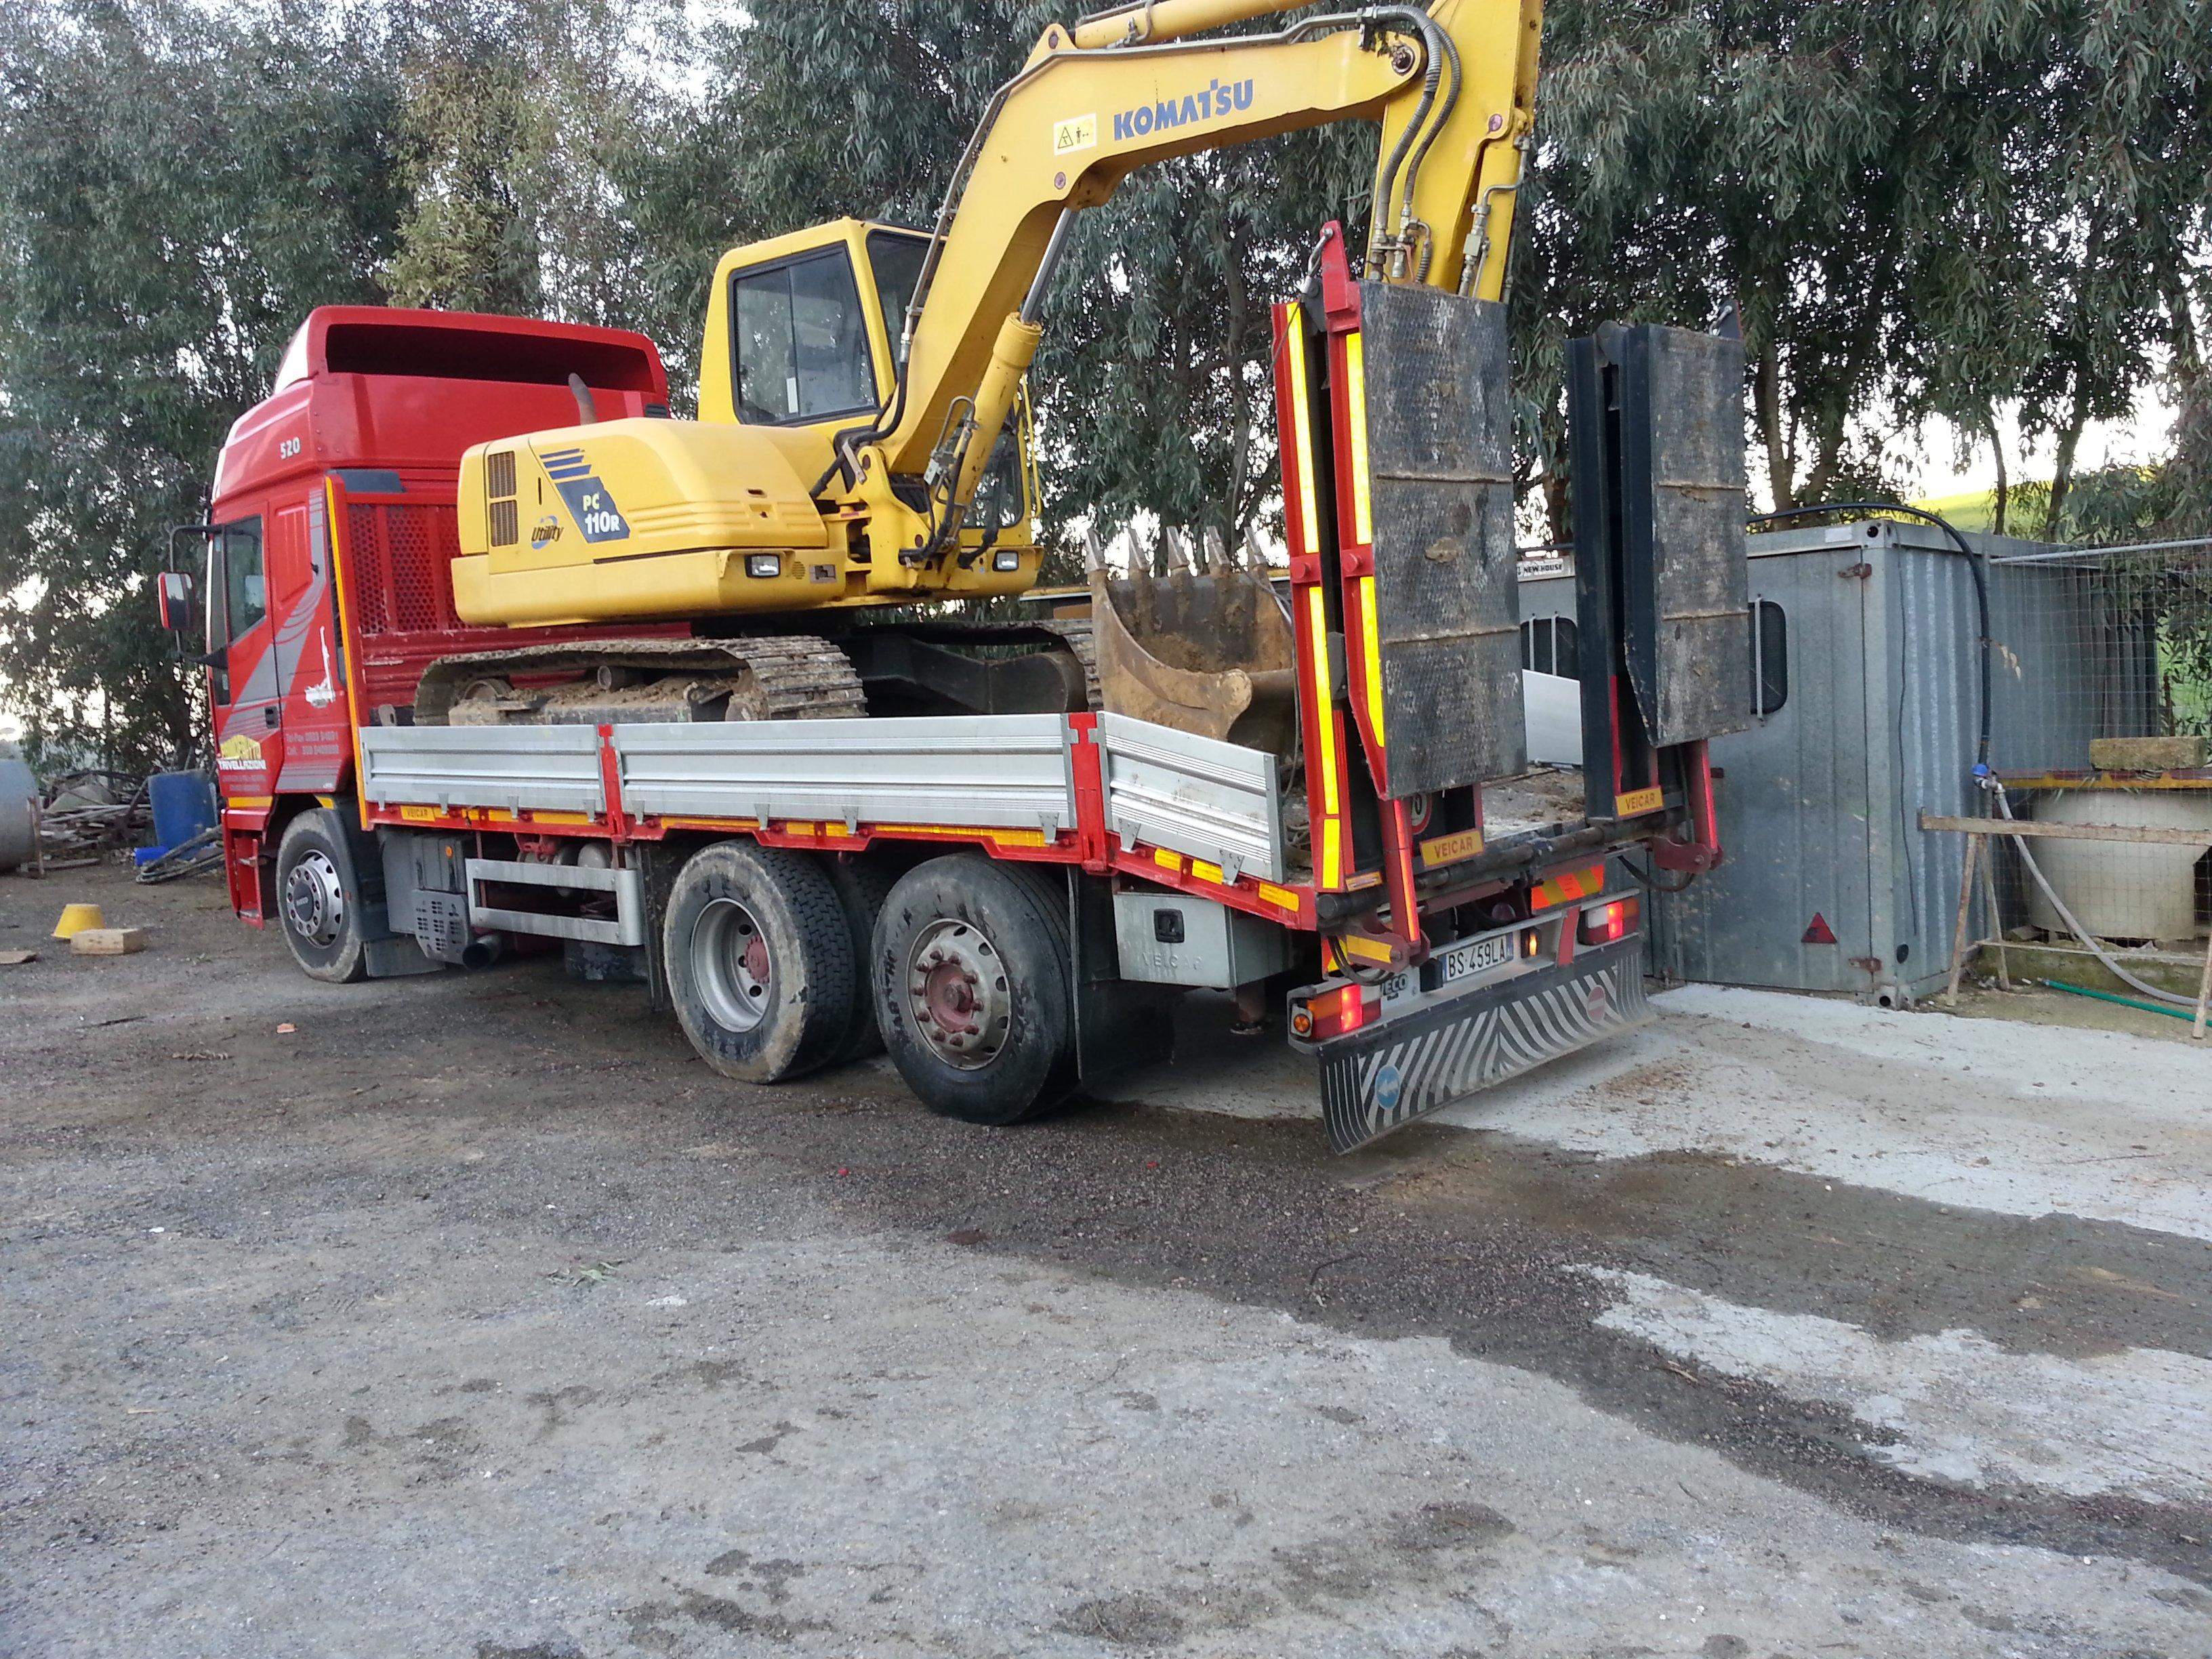 camion rimorchia una escavatrice